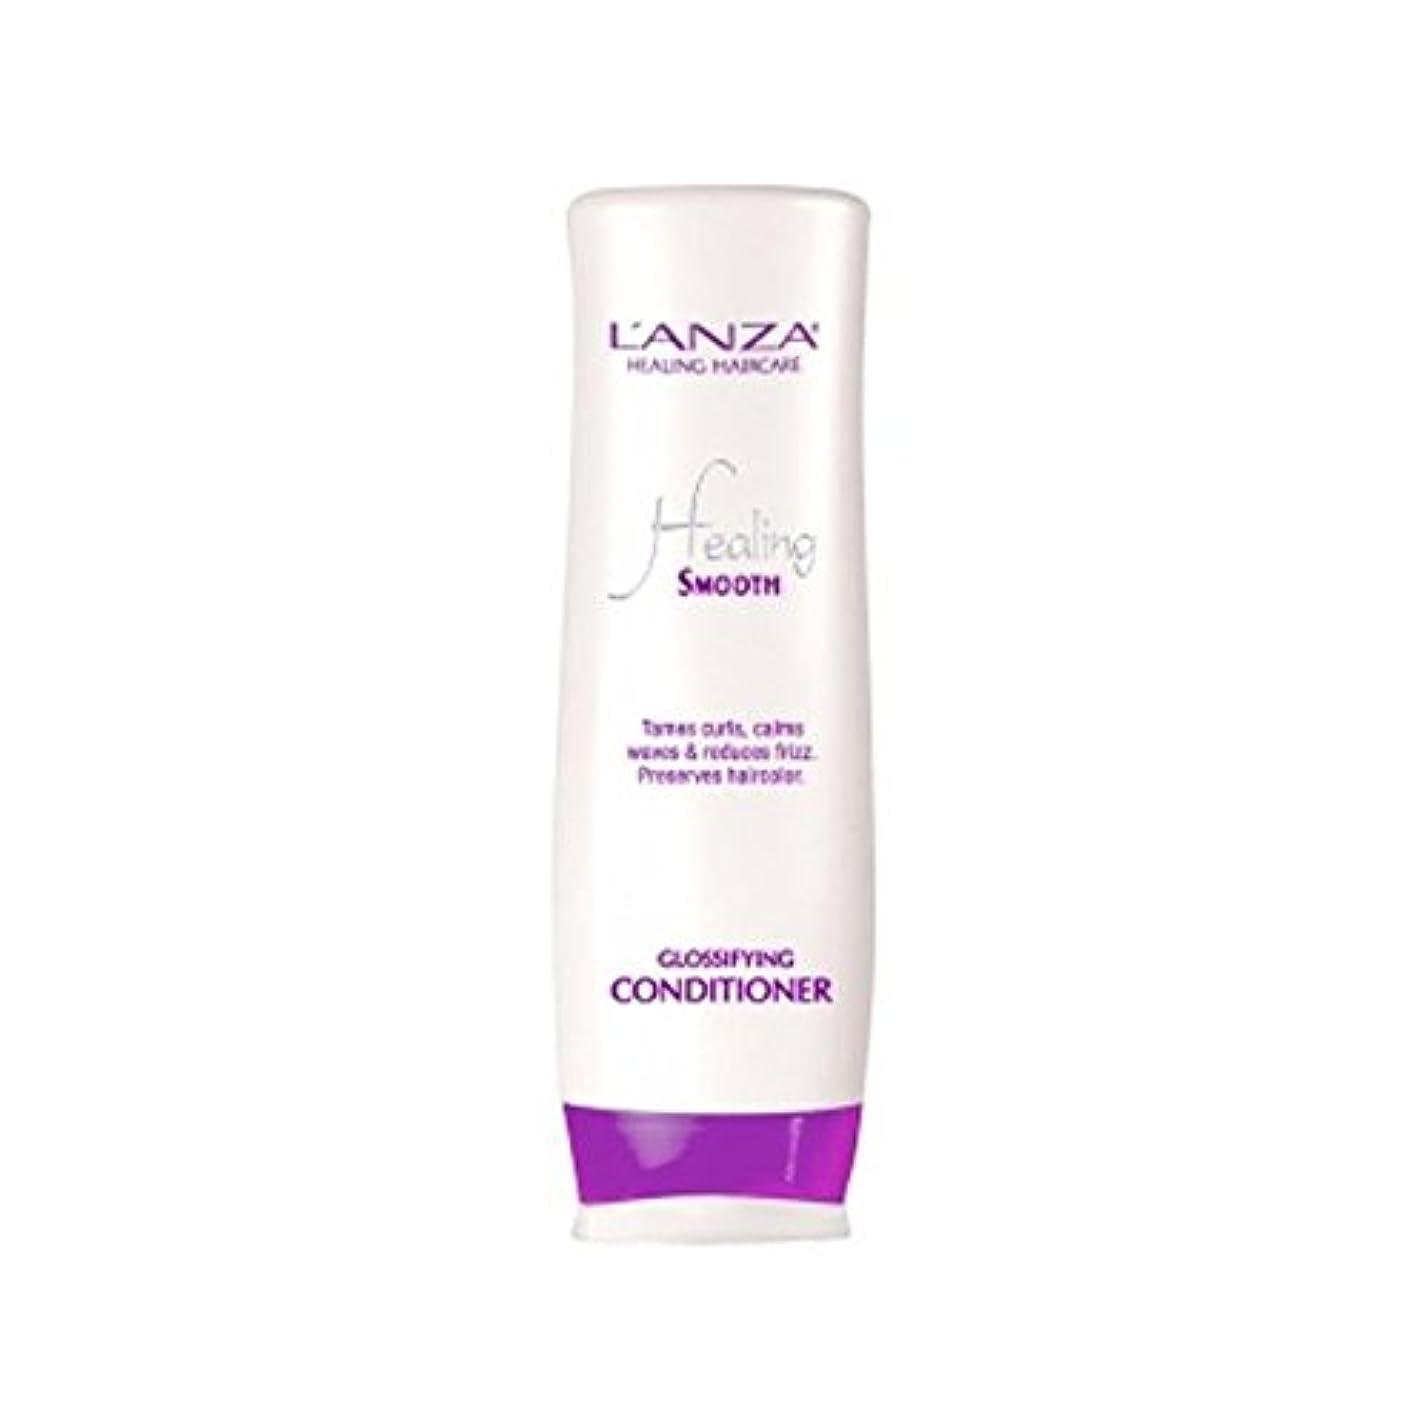 スムーズなコンディショナーを癒し'アンザ(250ミリリットル) x4 - L'Anza Healing Smooth Glossifying Conditioner (250ml) (Pack of 4) [並行輸入品]